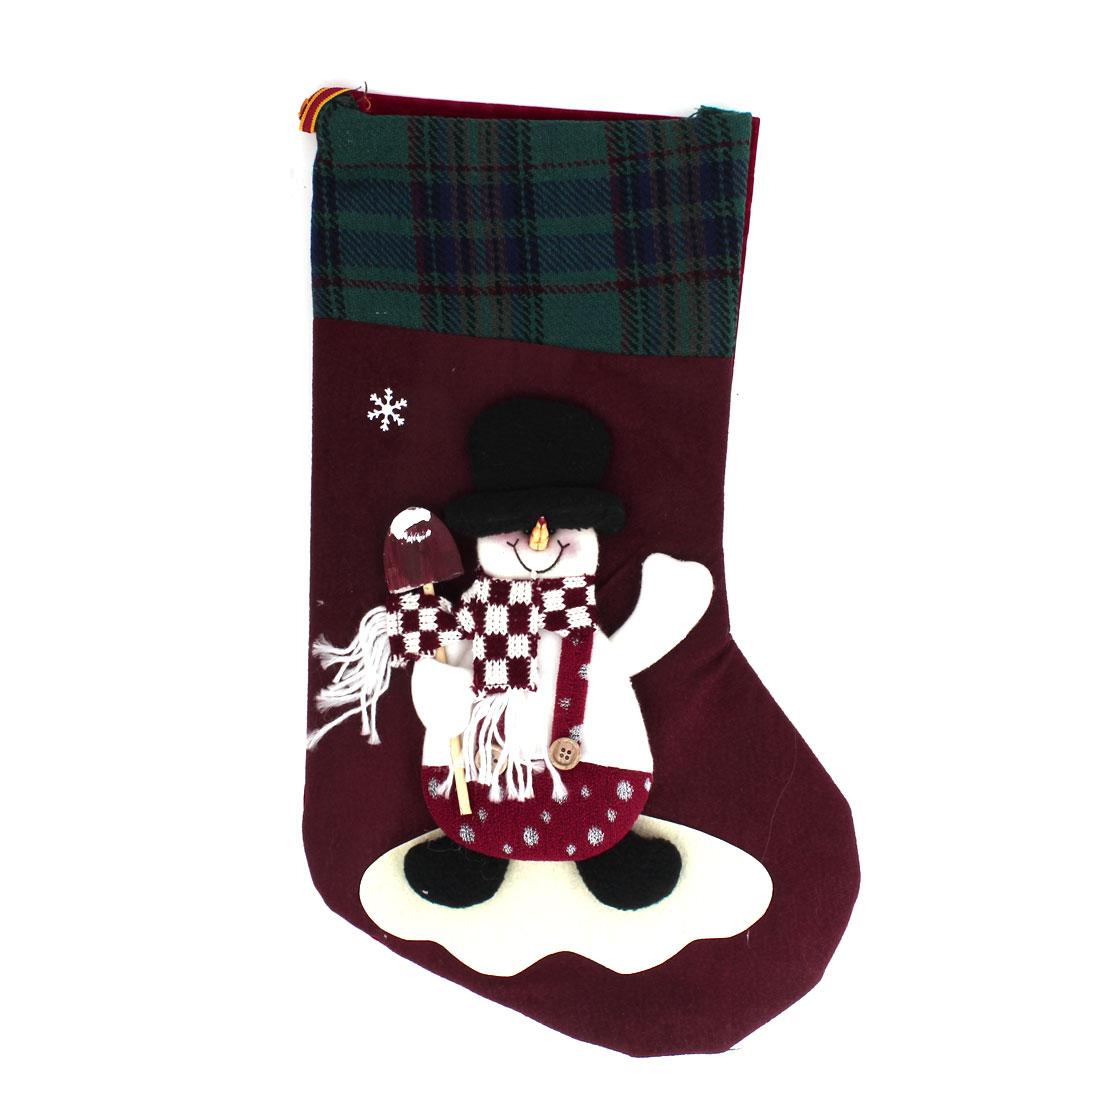 27cm x 43cm Xmas Snowman Detail Felt Christmas Stocking Gift Holder Burgundy Green